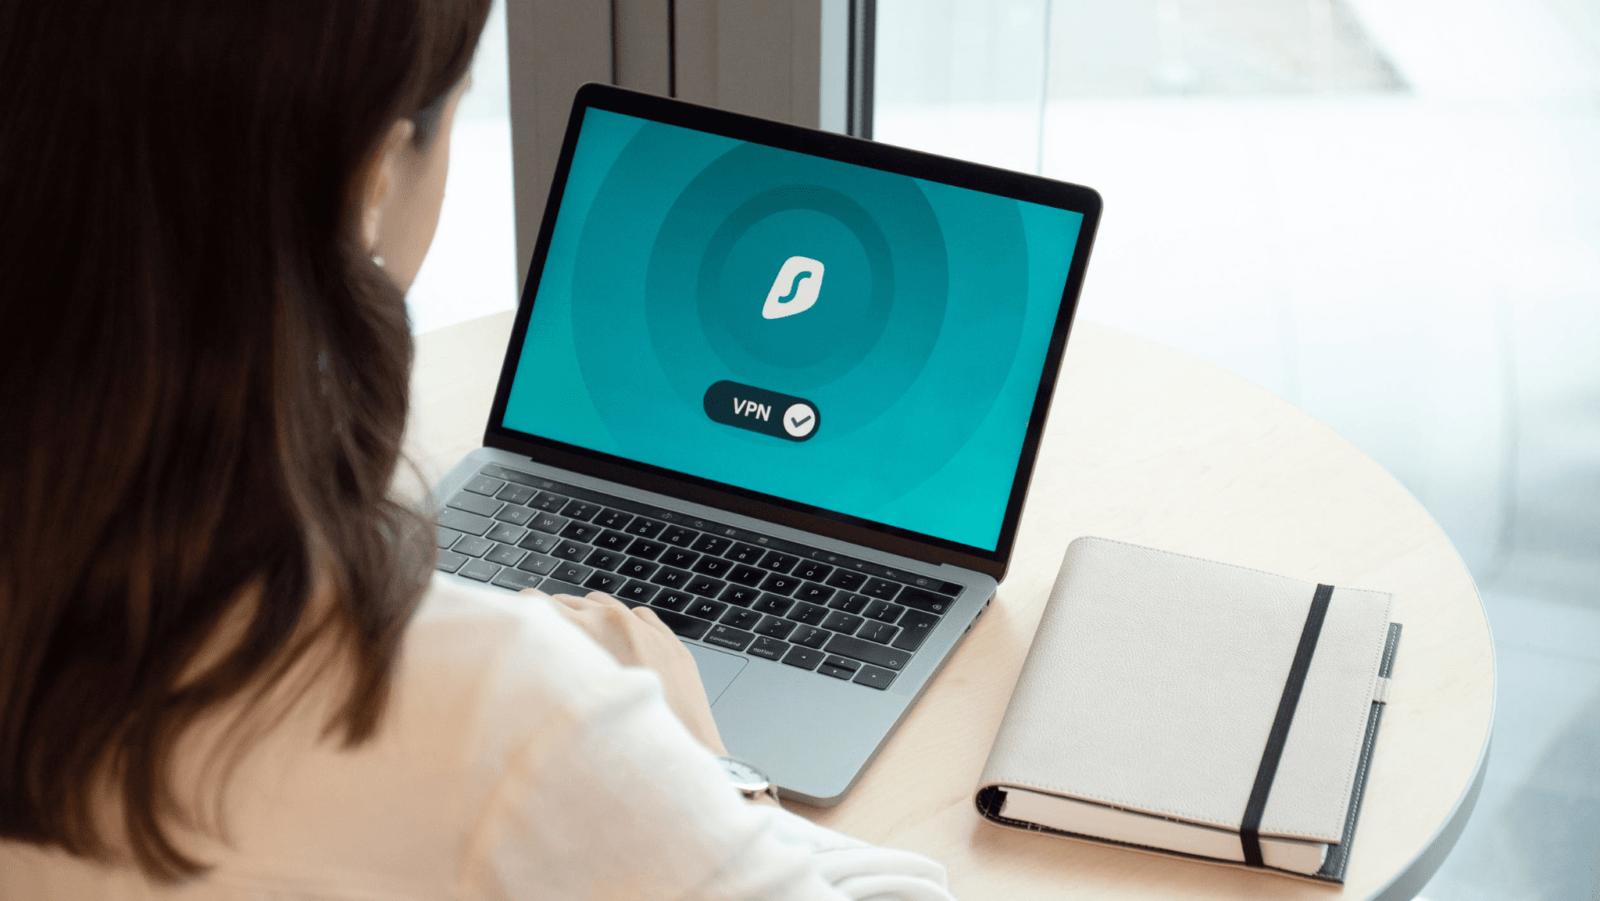 Descubra 13 dicas simples para aumentar a segurança online 3